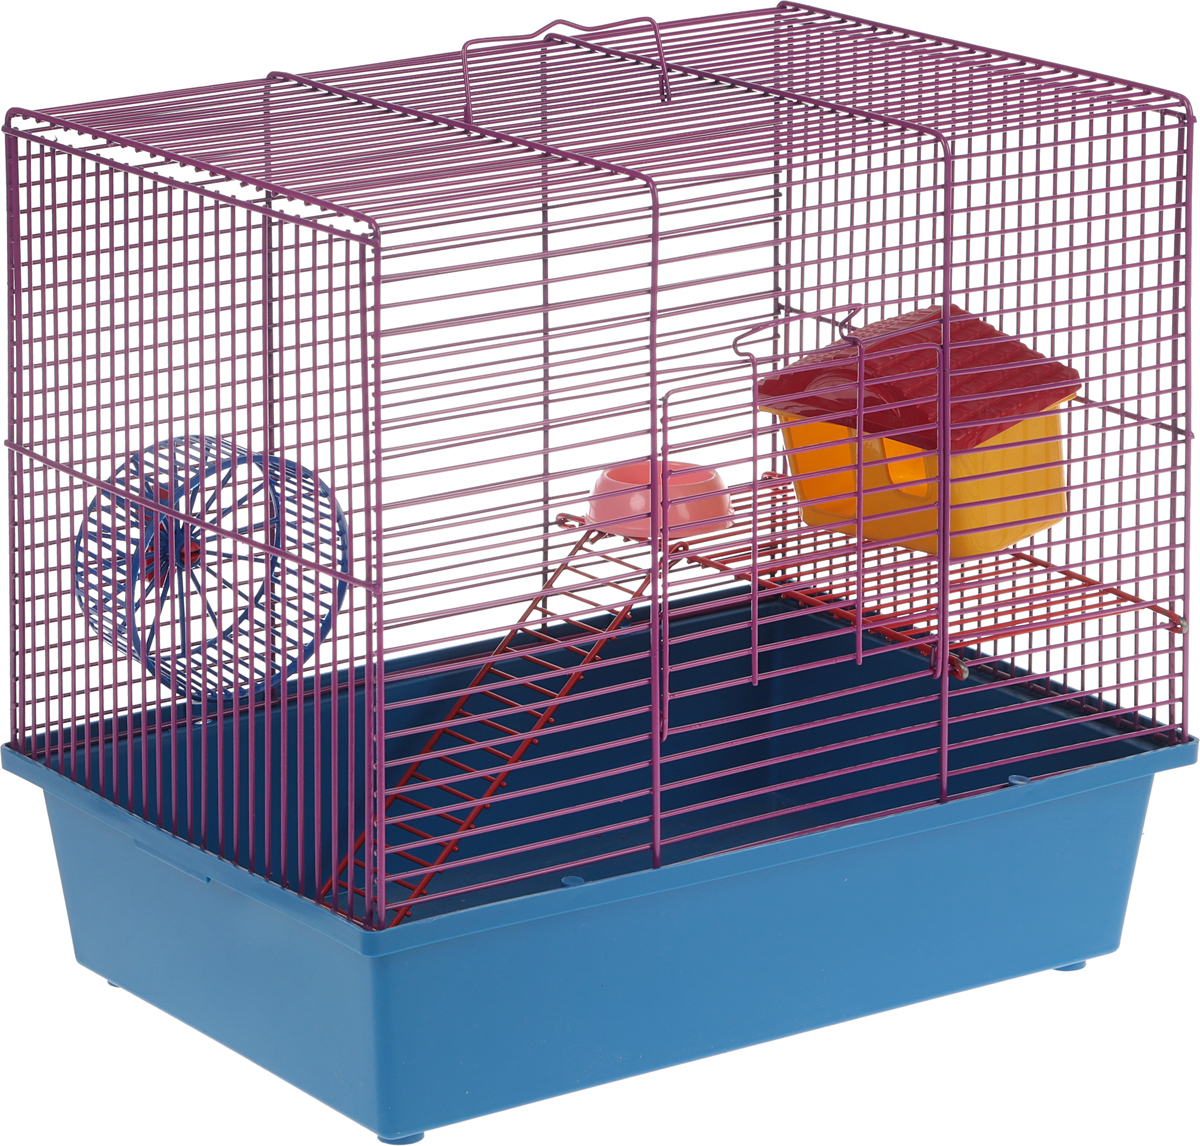 Клетка для грызунов Велес Lusy Hamster-2, 2-этажная, цвет: фиолетовый, синий, 35 х 26 х 26 см клетка для грызунов inter zoo teddy gigant 2 комплект для крыс 59х36х56см o c